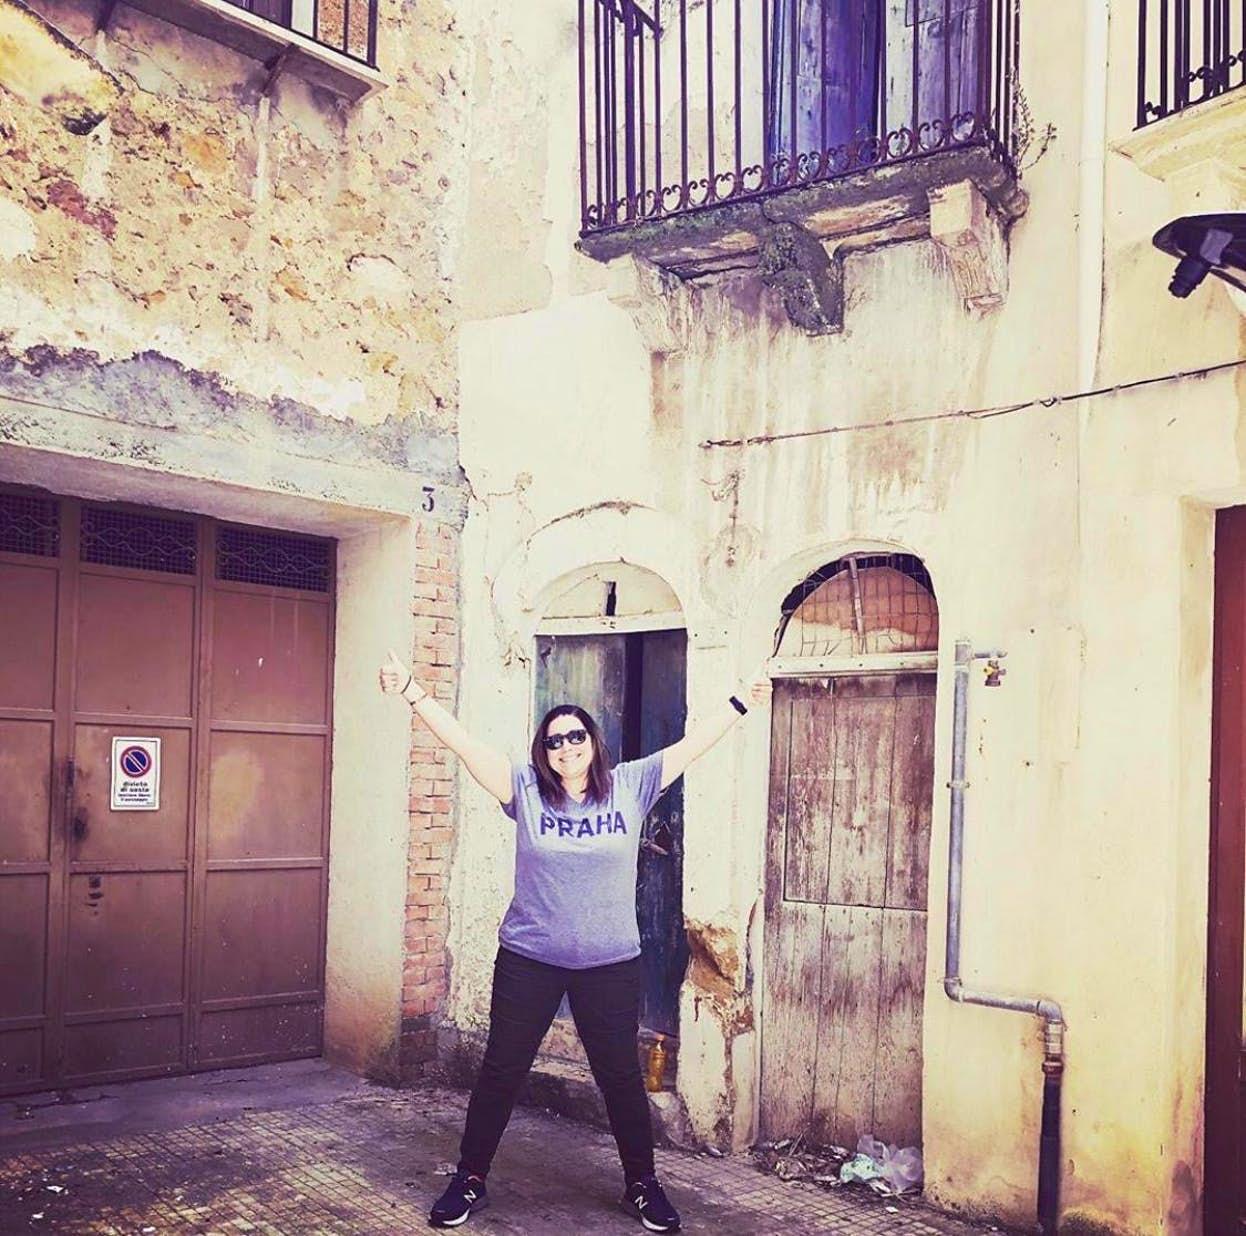 Купить дом за 1 евро в Италии: как это происходит на самом деле